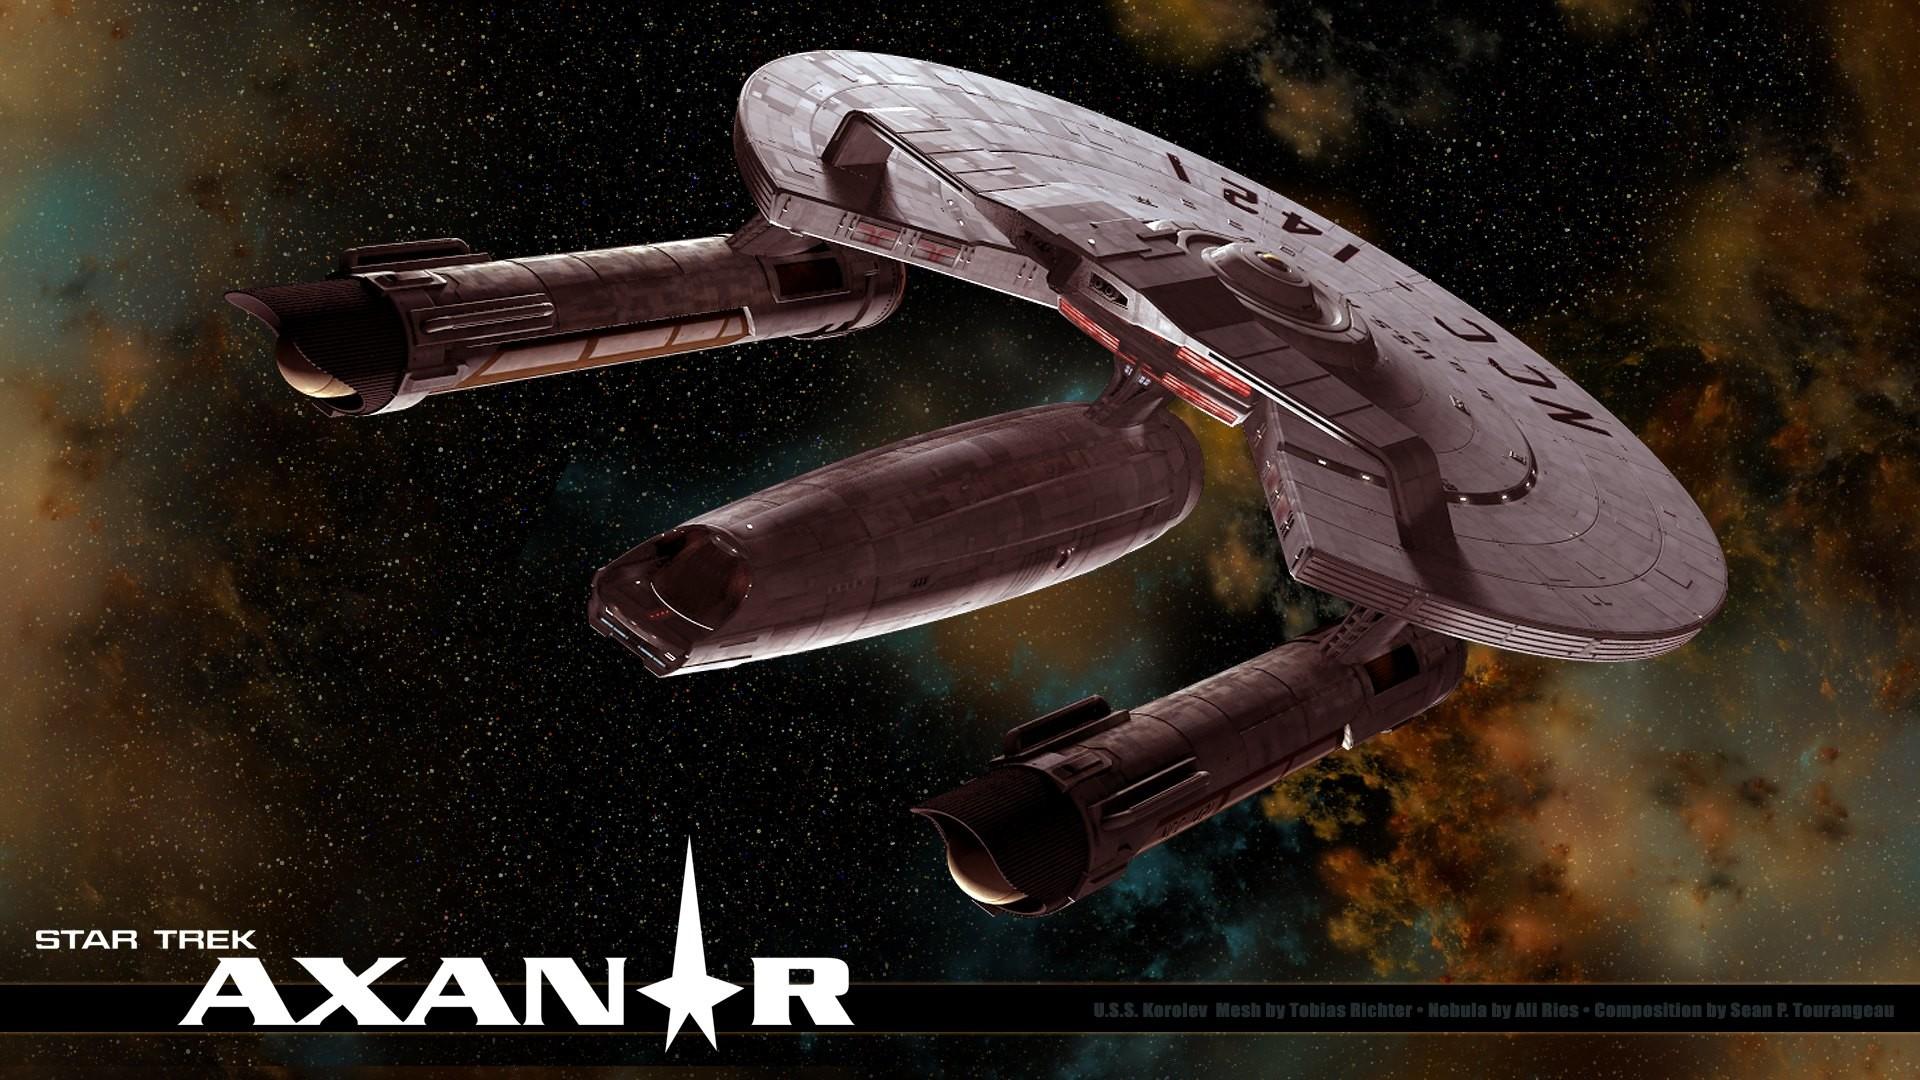 295 best Star Trek images on Pinterest   Trekking, Star wars and Travel